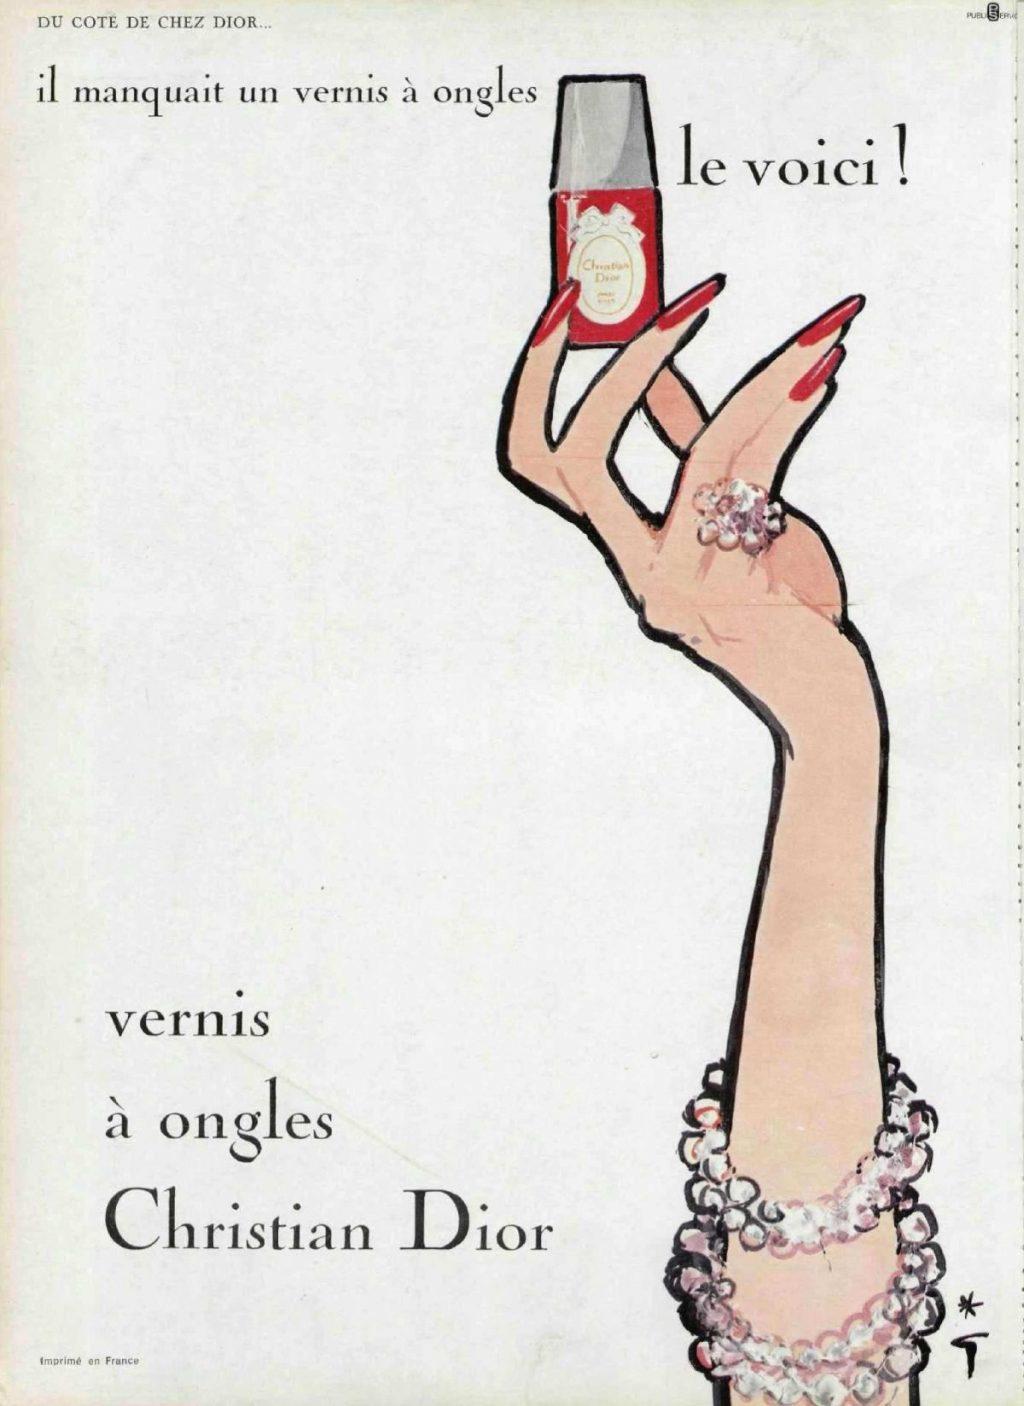 Một quảng cáo sơn móng tay đỏ từ nhà mốt Dior